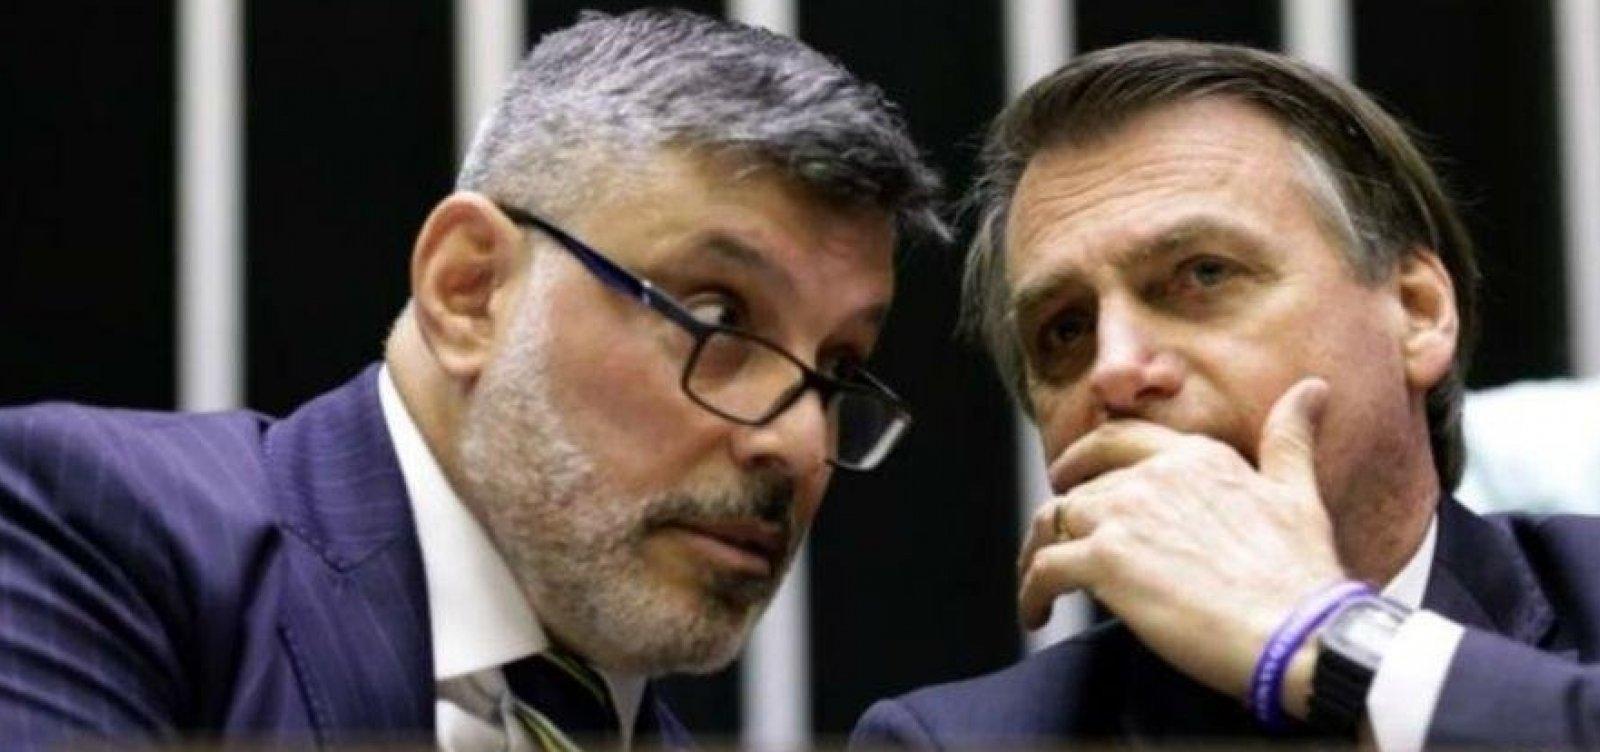 [Frota publica vídeo em que Bolsonaro diz que quer 'continuar transando' com deputado]